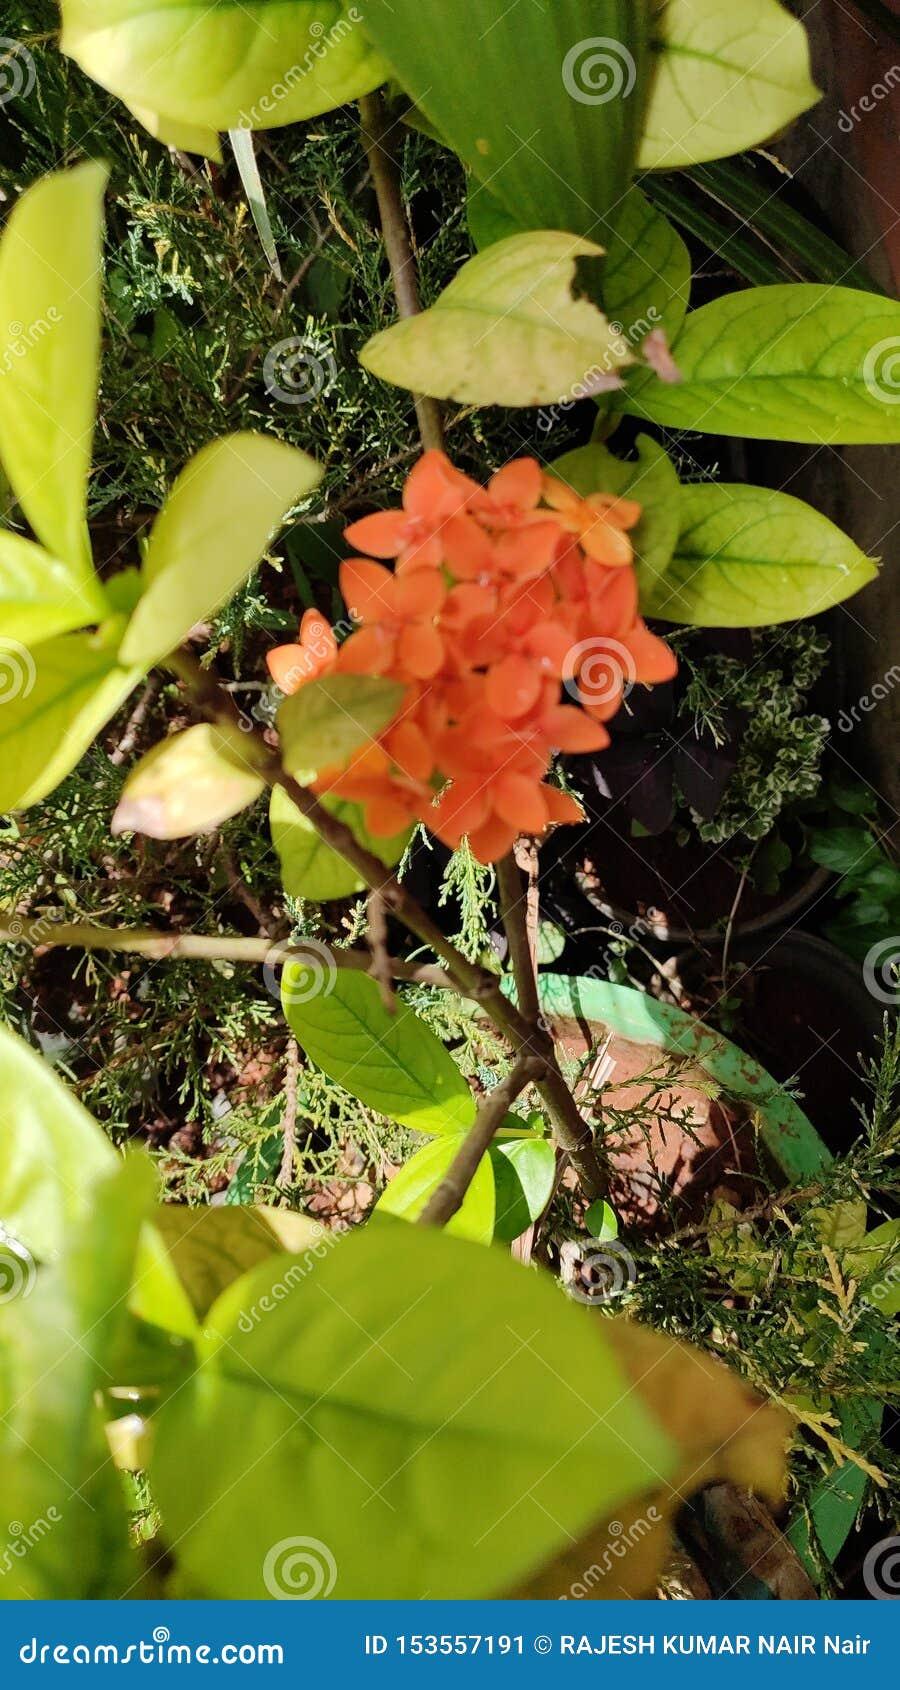 Tacka dig så don& x27, hur härligt jorden är med blommor och; t missa några relevanta särdrag för denna positionsth